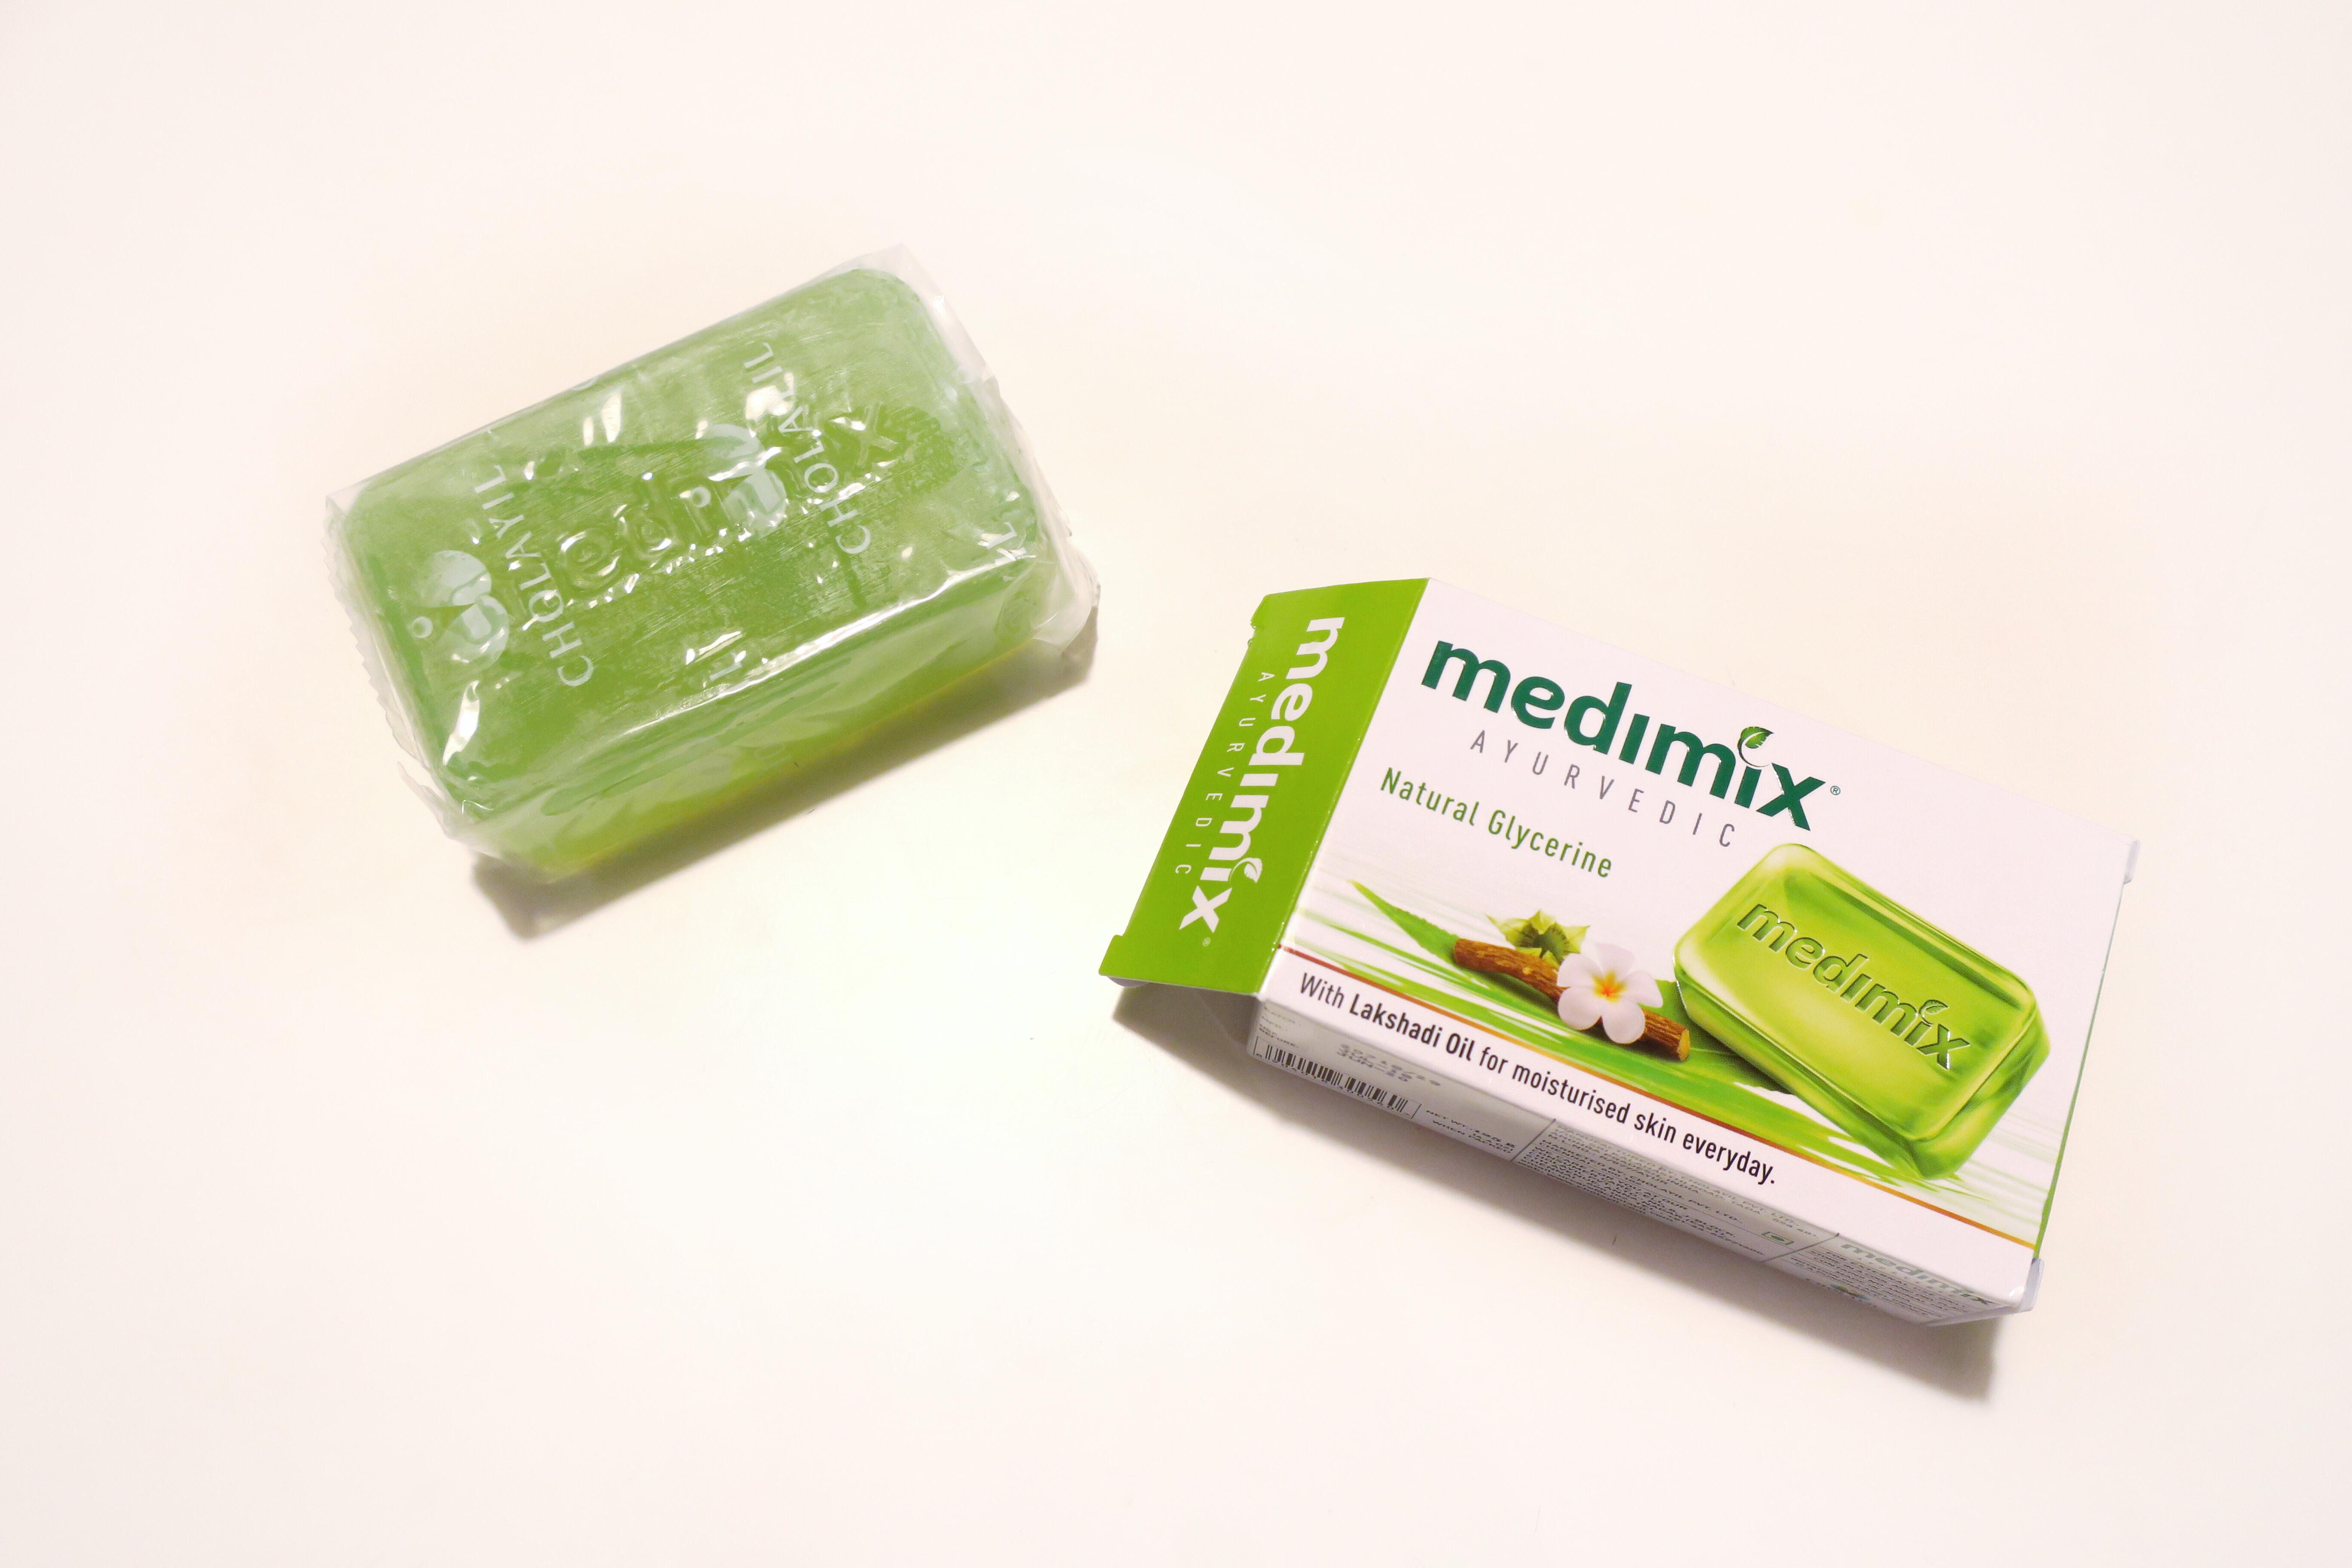 medimix Natural Glyceline ナチュラルグリセリンソープ